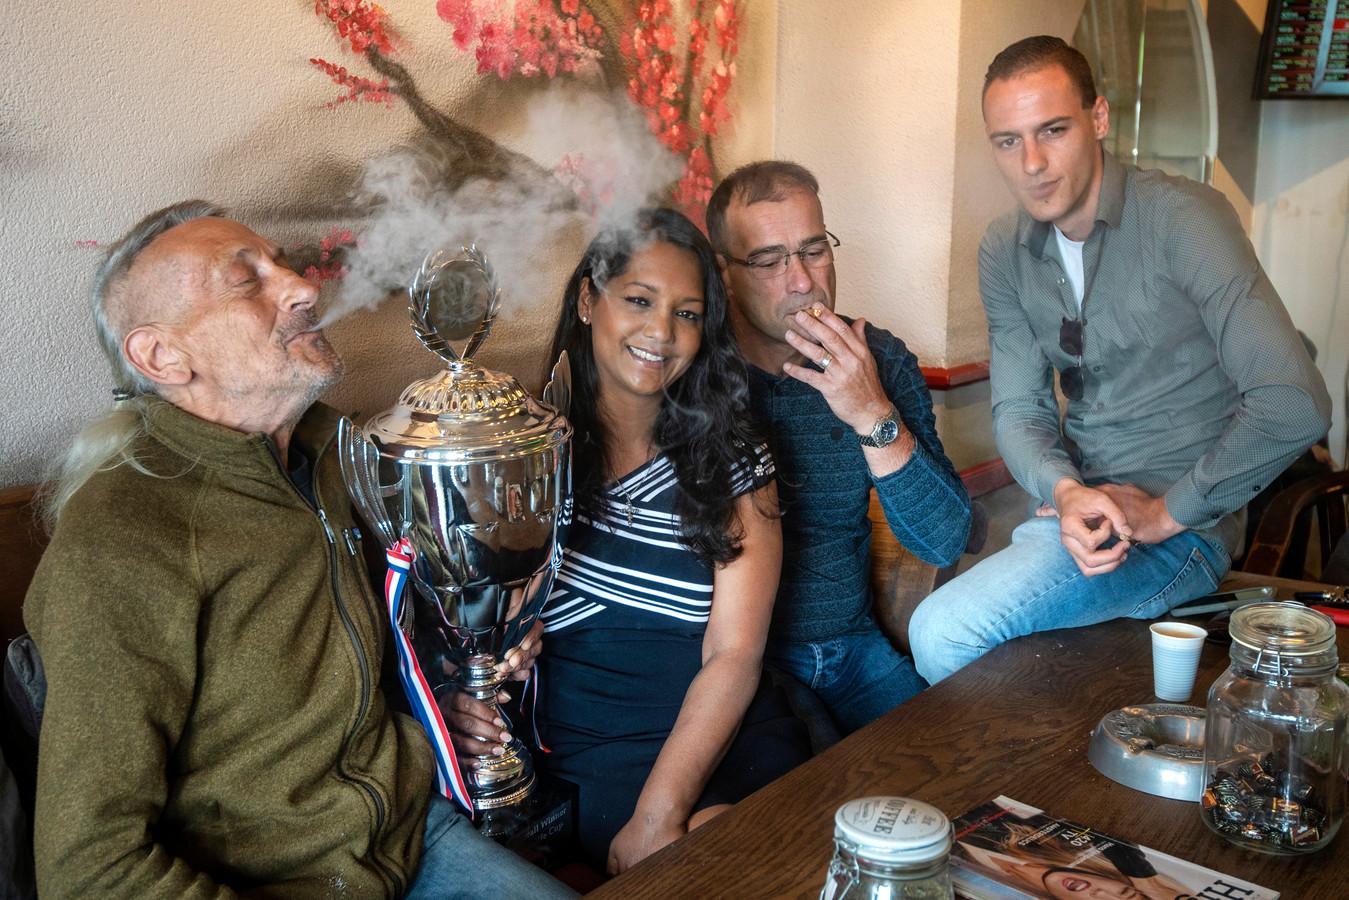 Marjolein de Keijzer-van Nimwegen met de kampioensbeker in coffeeshop Zero Zero temidden van haar vaste klanten (van links naar rechts) Peter Zadina, Uwe von Meeteren en Ricardo van Keeren.